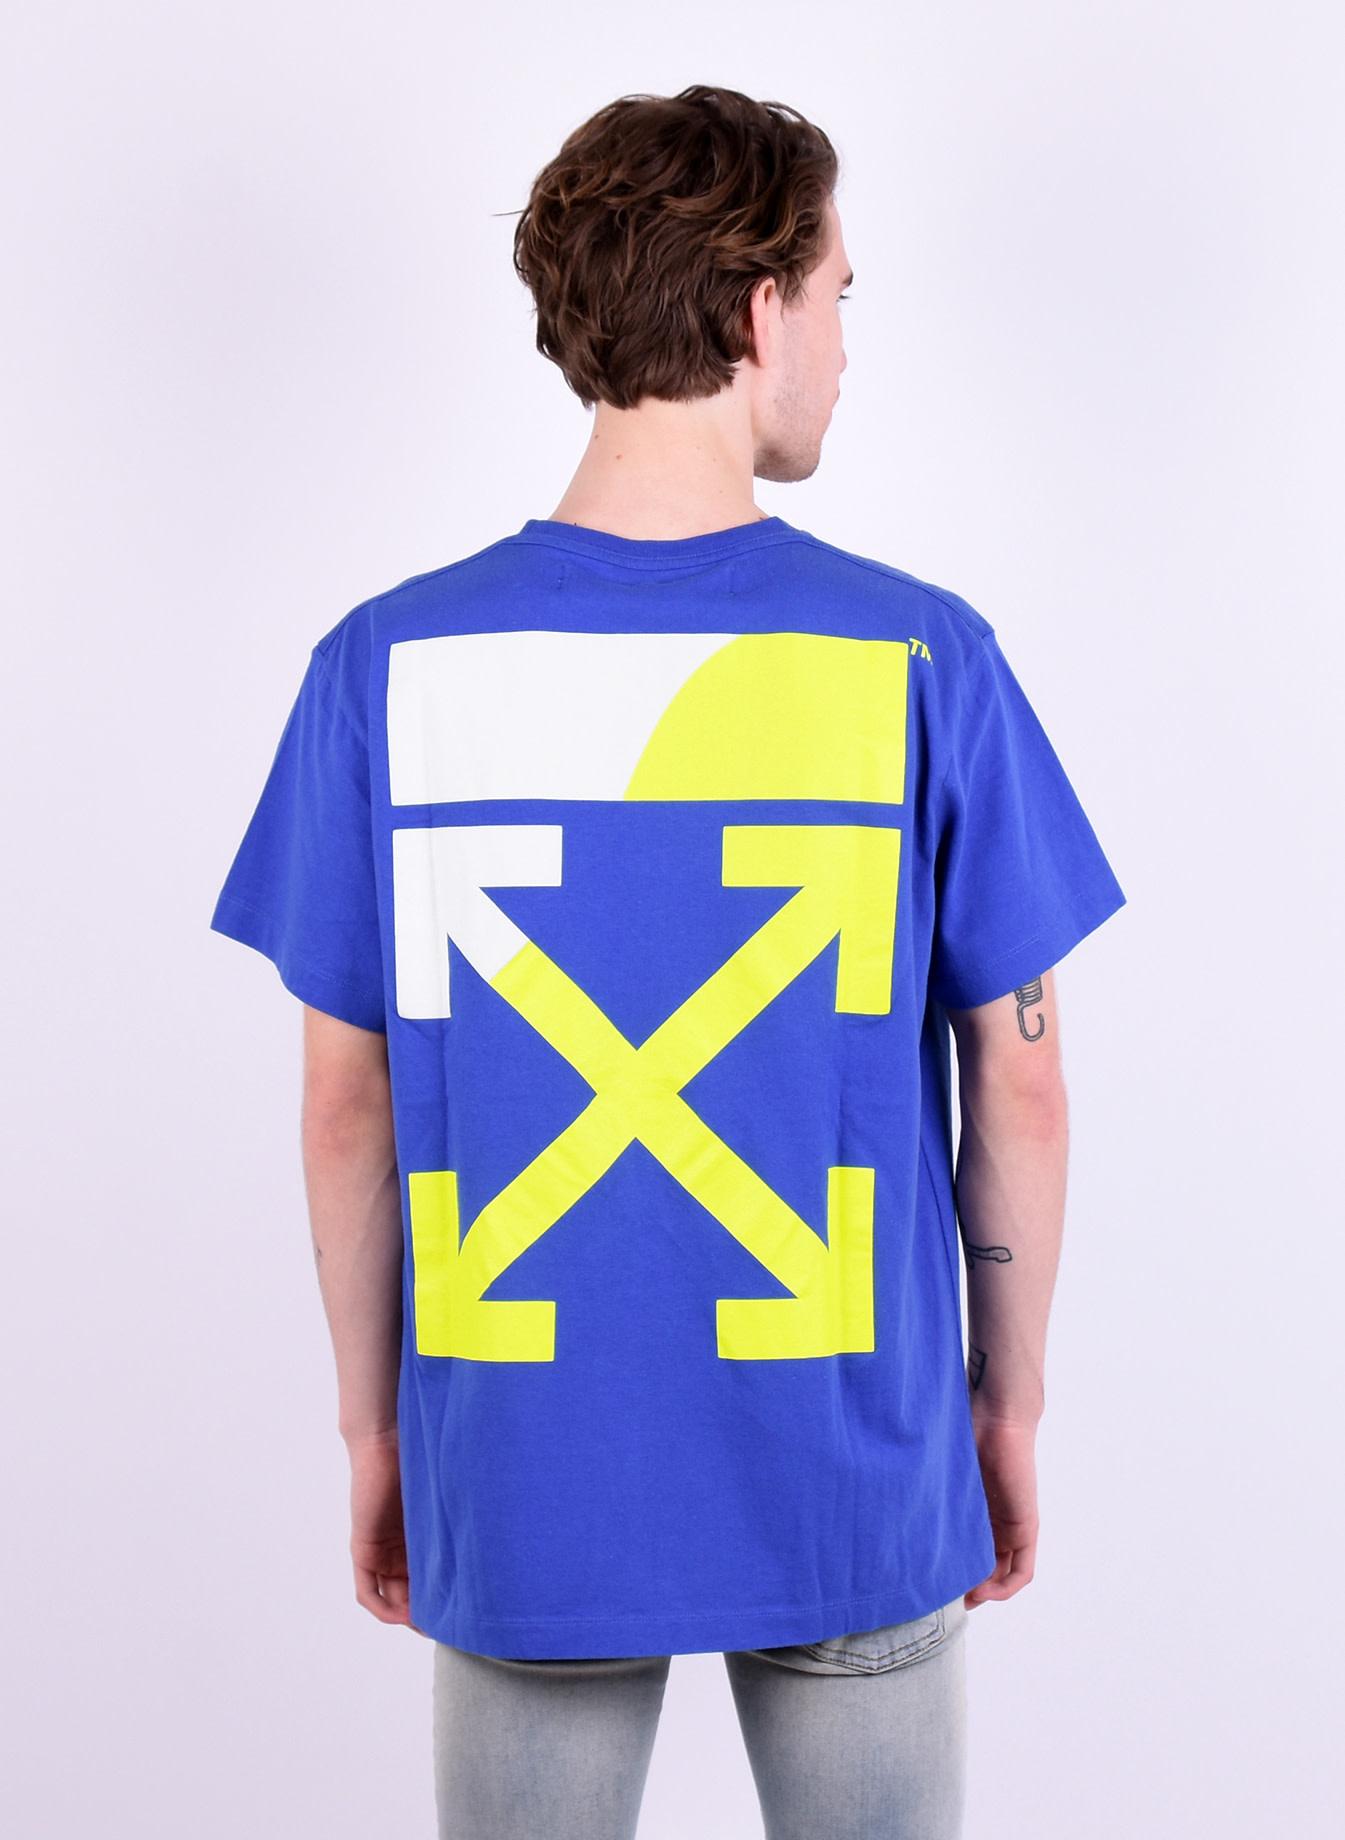 dbb31d2b1e0d Off-White 'Split Logo' T-shirt Blue Yellow - Mensquare